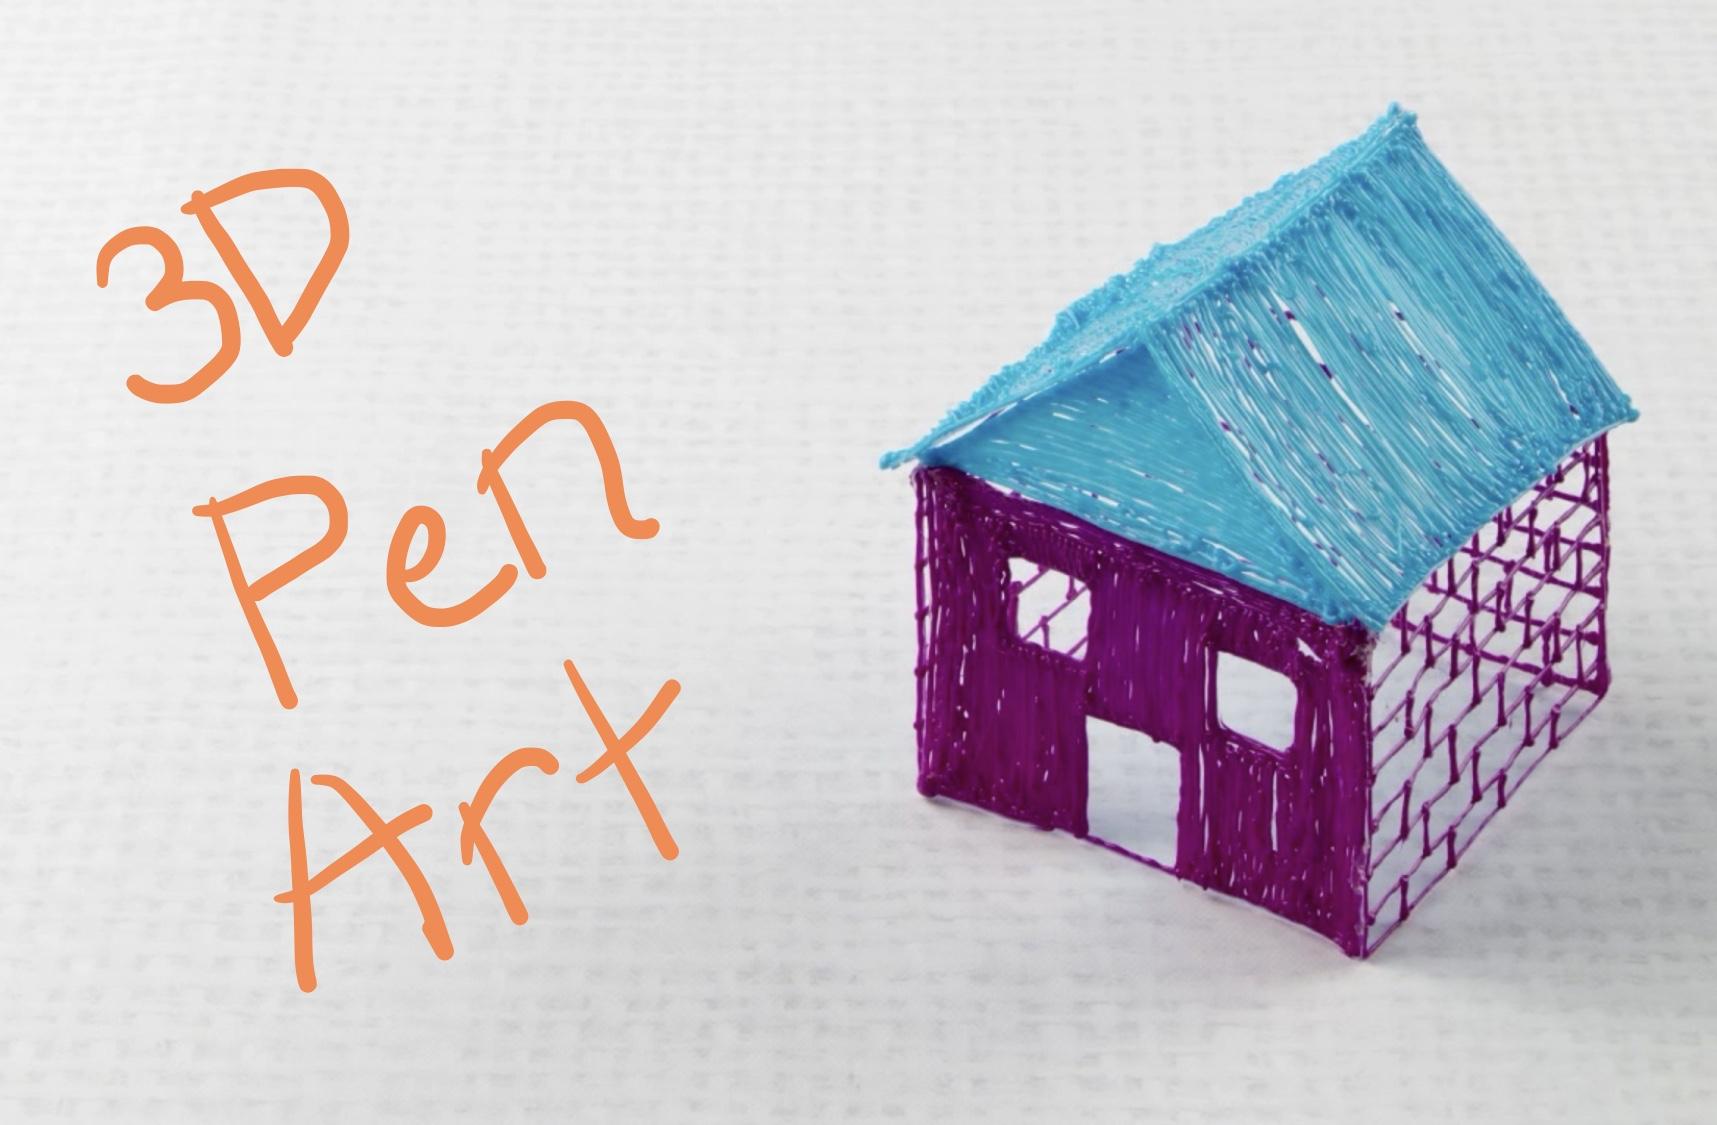 3d pen, 3d printing, summer camp, 3d art, inventors